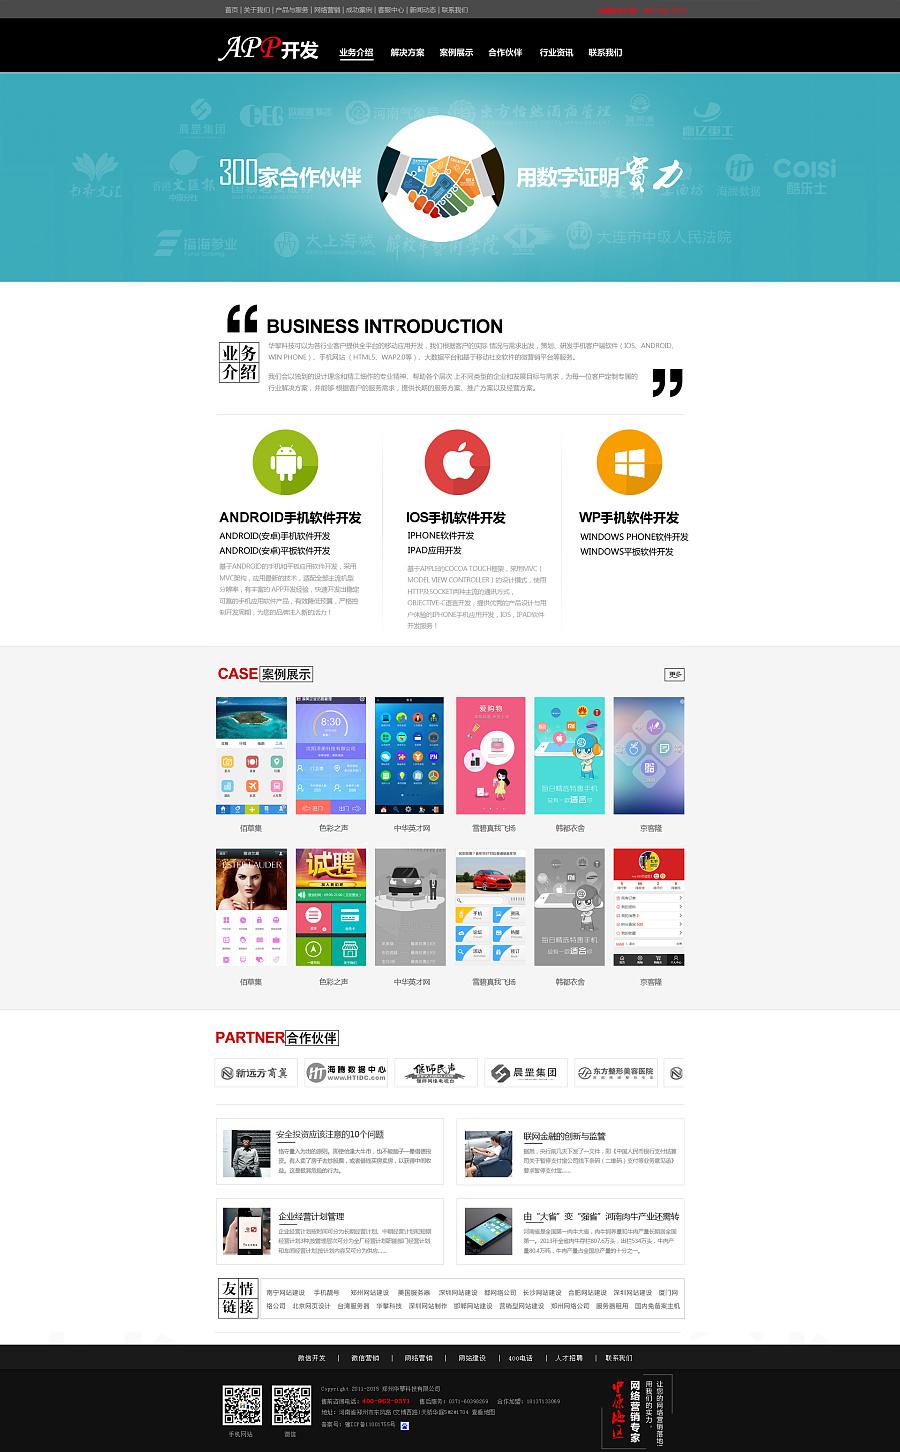 华攀科技app网页页展示|Banner/栏目图|广告|华中山名片设计图片